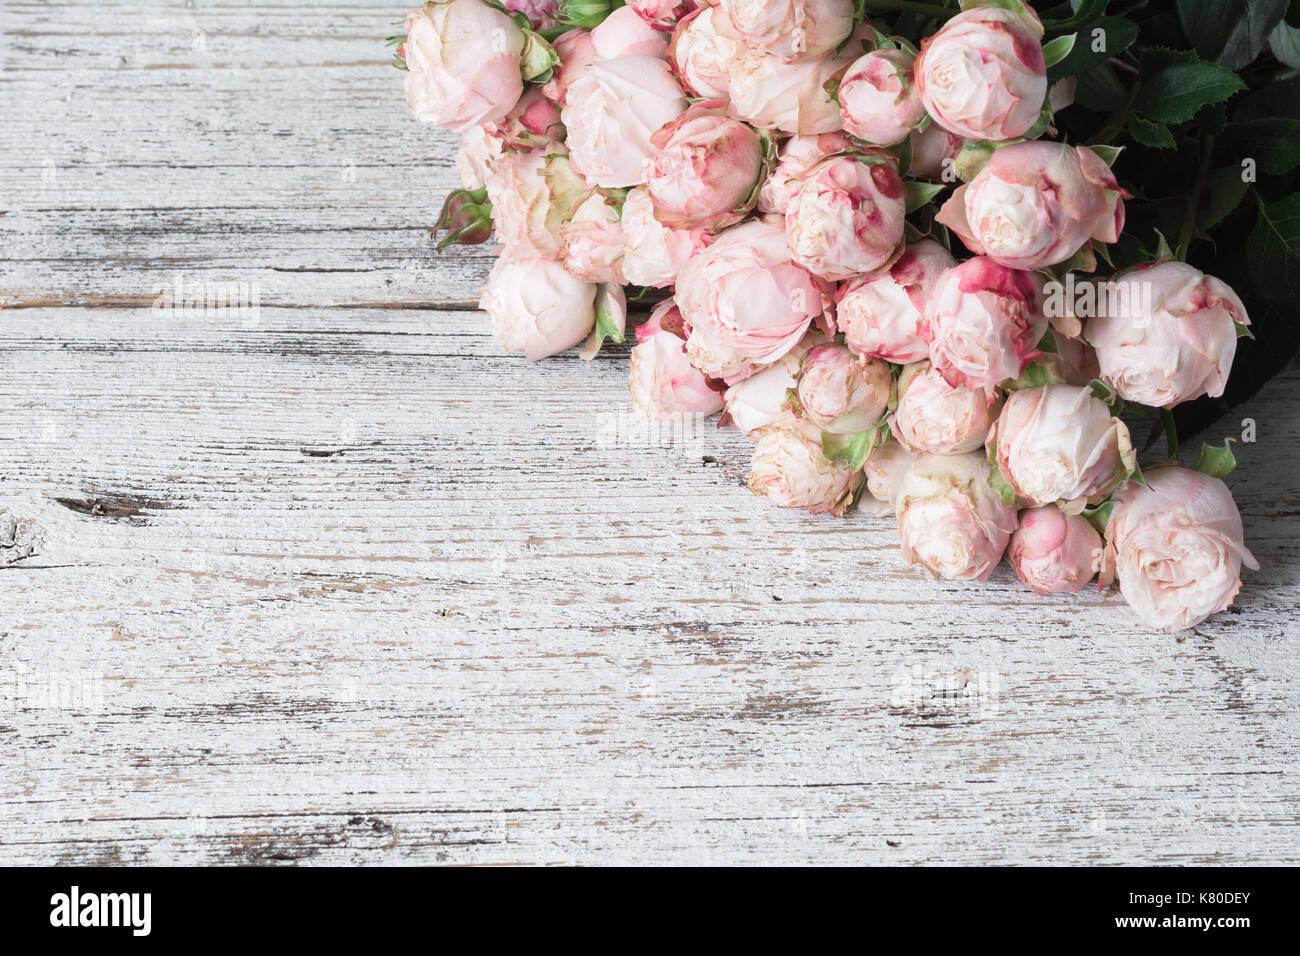 Rosen Auf Vintage Holz Hintergrund Floral Frame Hintergrund